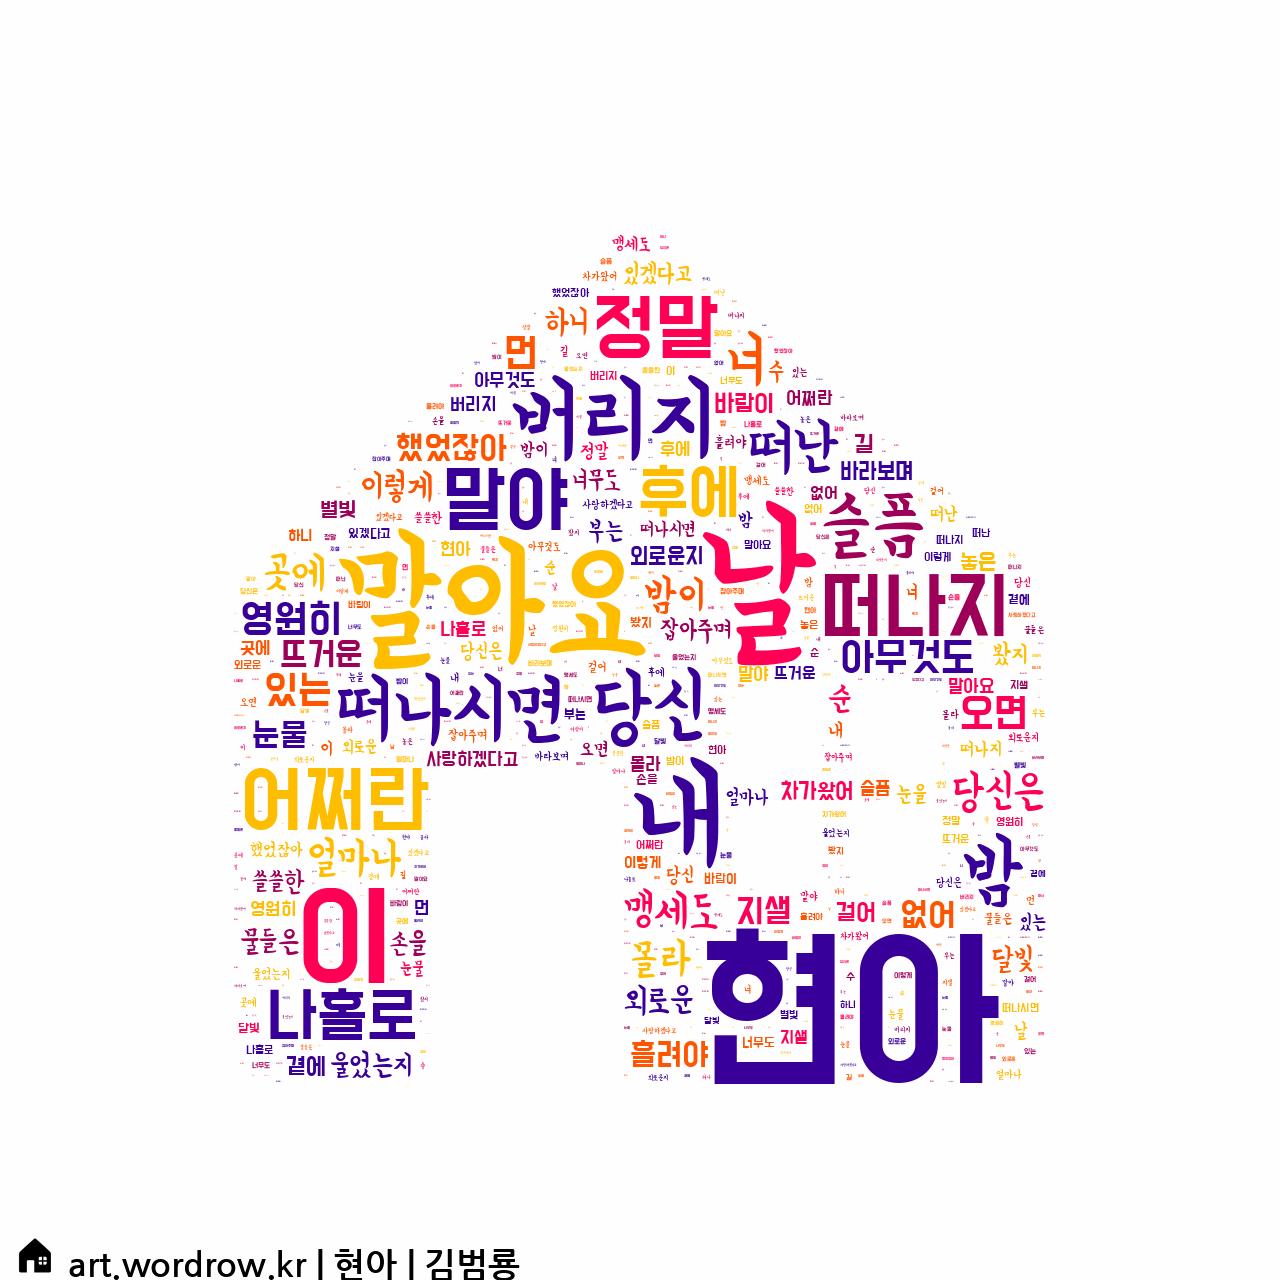 워드 아트: 현아 [김범룡]-67